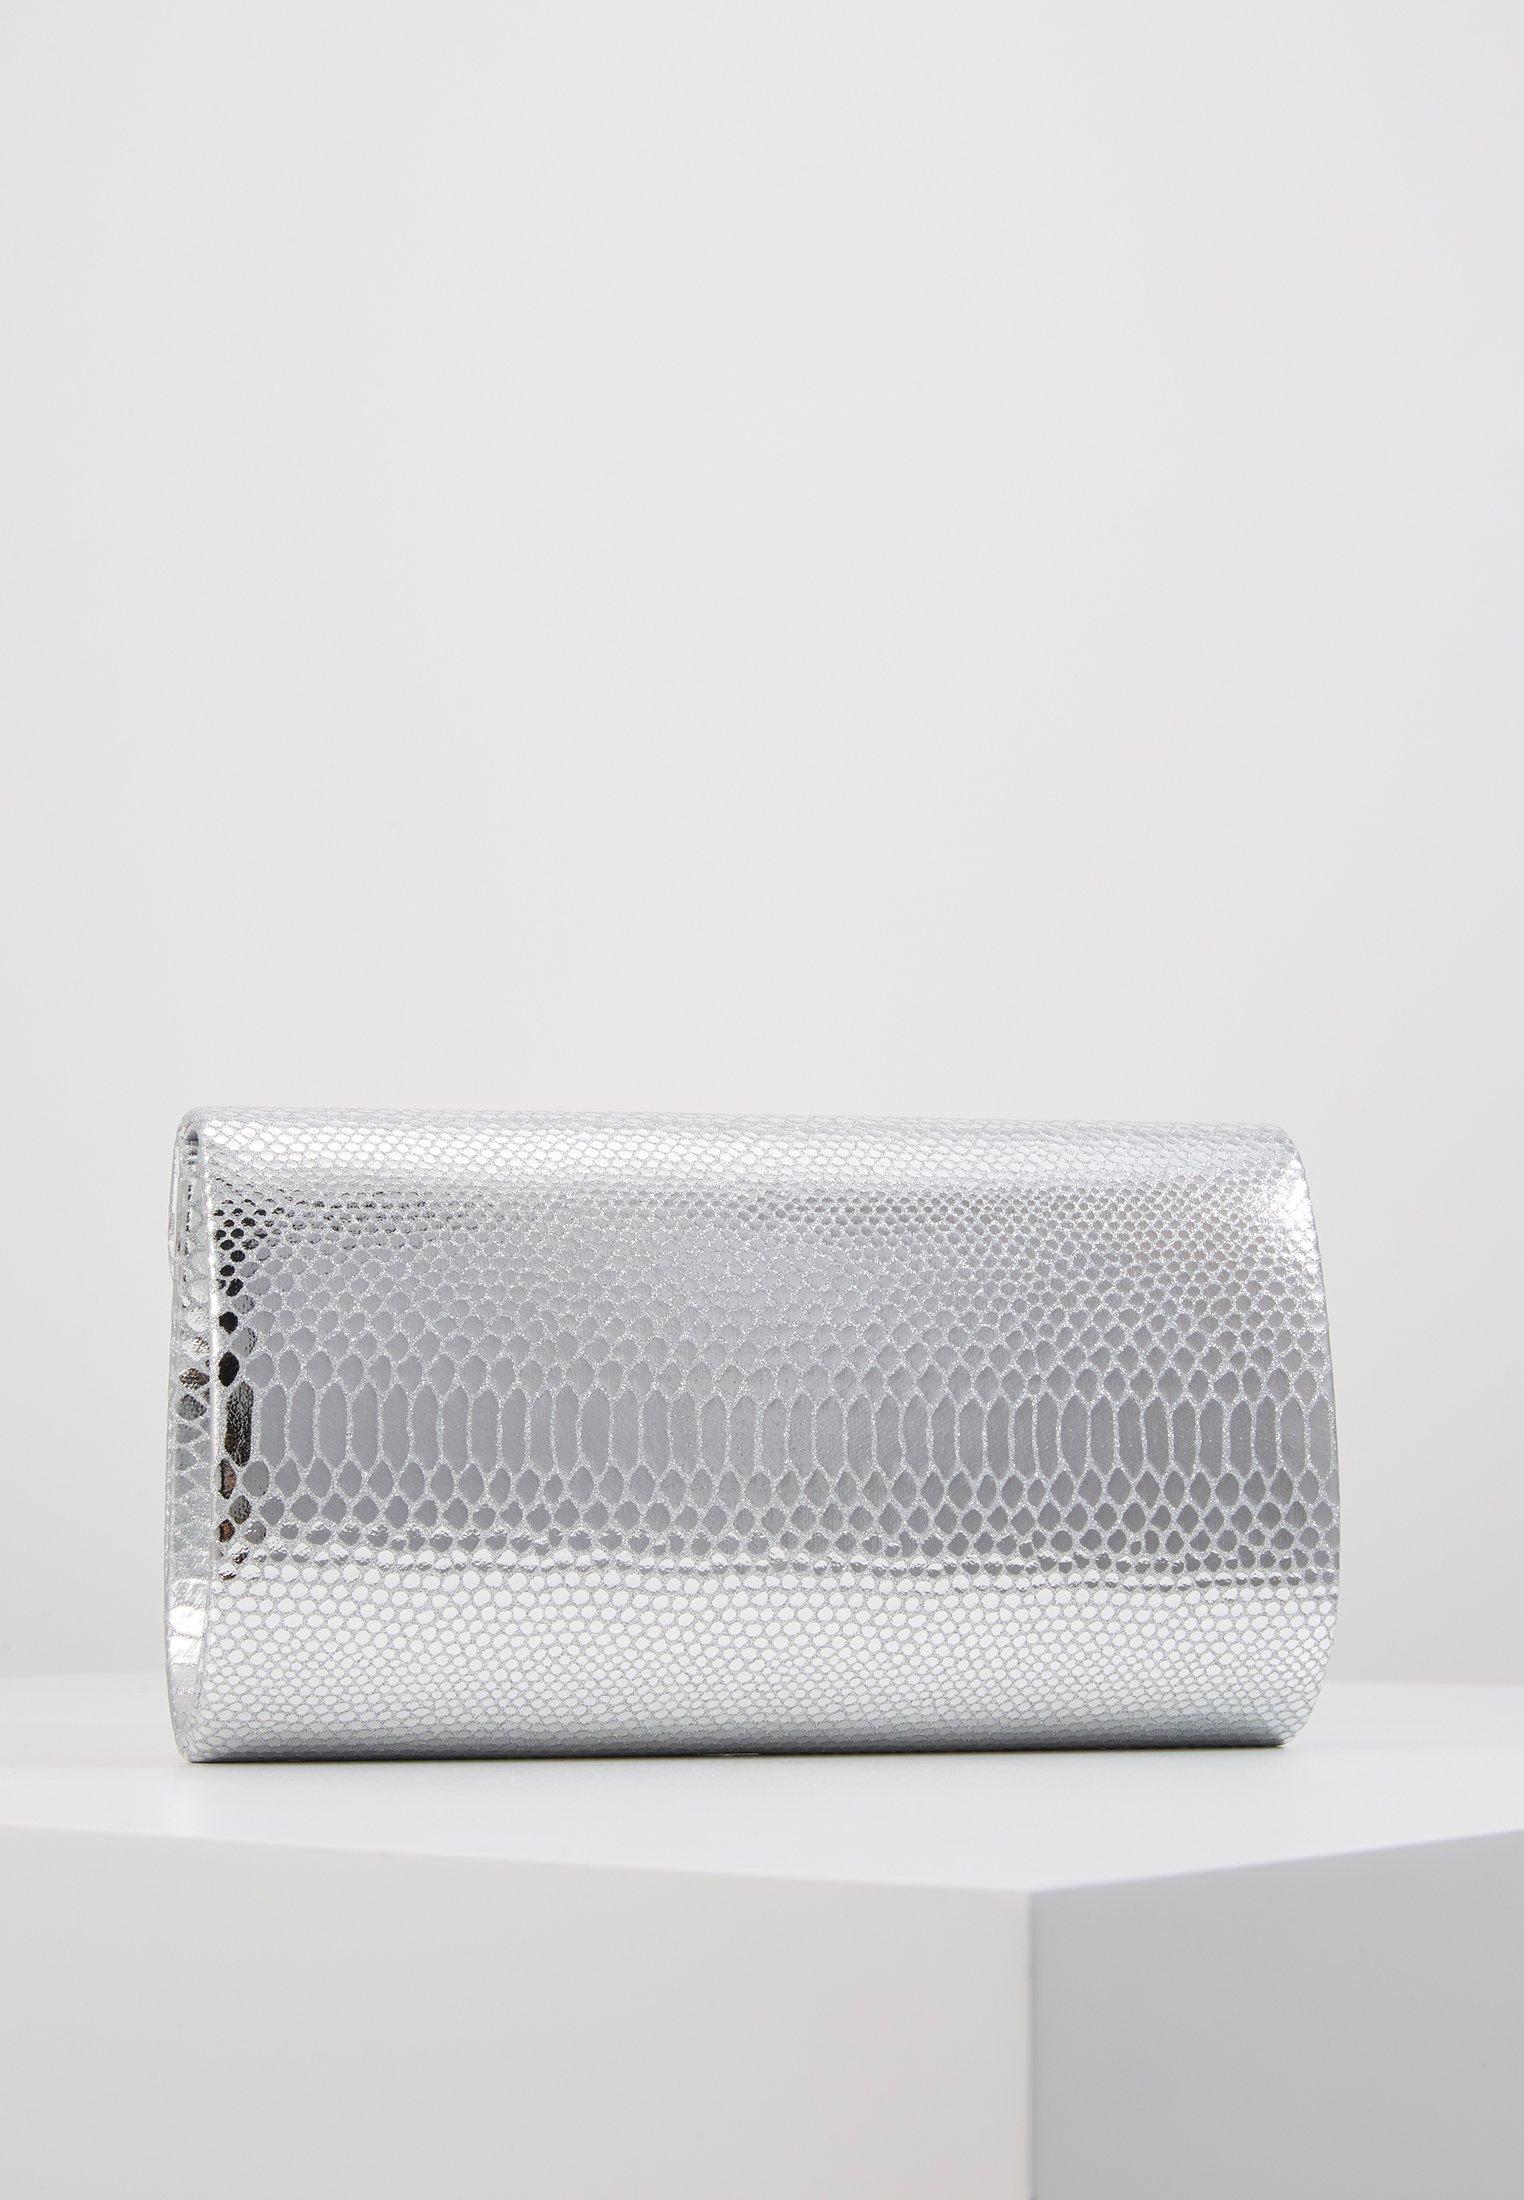 Mascara Clutch - silver/sølv il3pgrxLWtaBXIJ